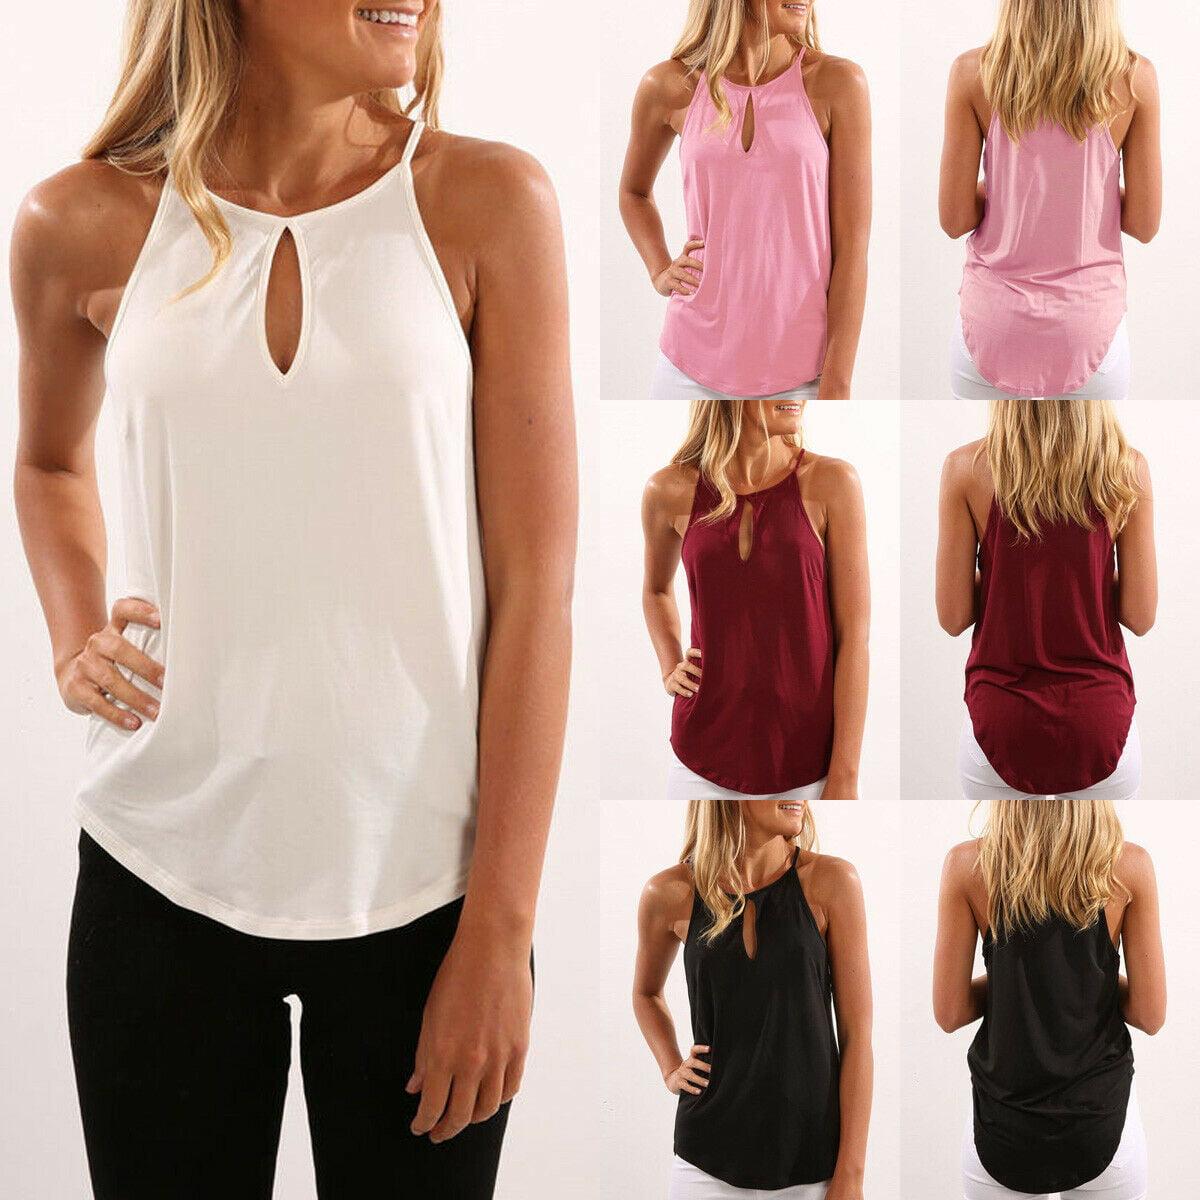 Women Summer Vest Tops Sleeveless Shirt Blouse Casual Tank Tops T-Shirts Halter Neck Sun-top